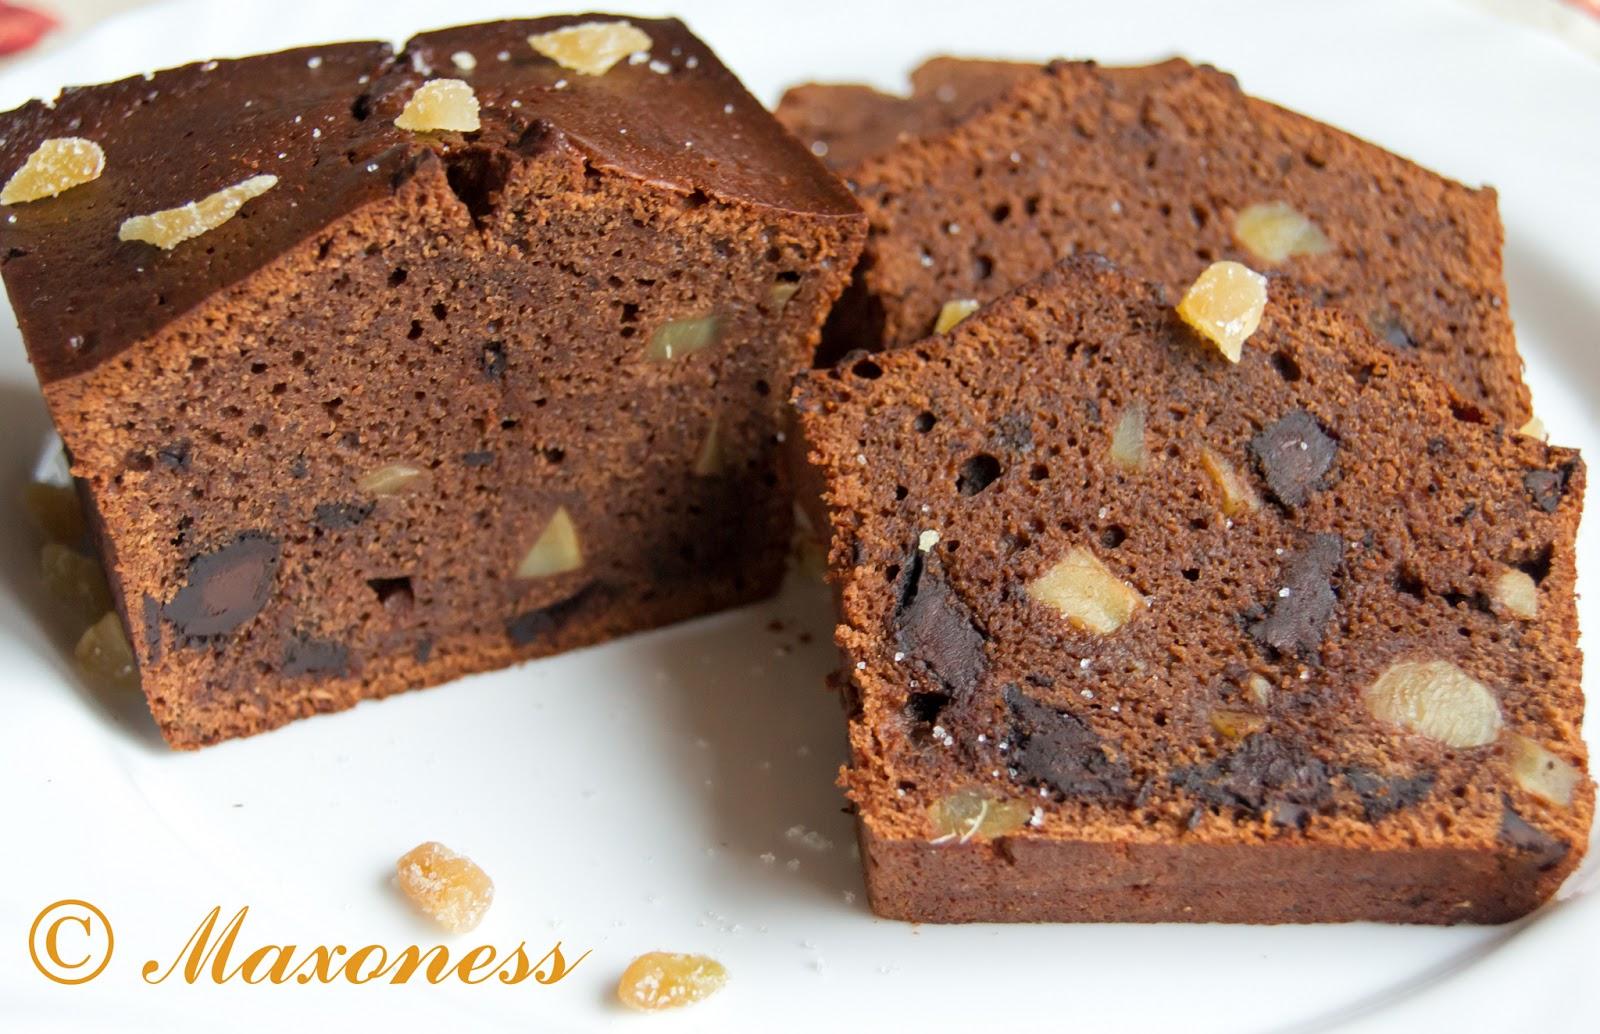 Шоколадный кекс с имбирными цукатами от Пьера Эрме